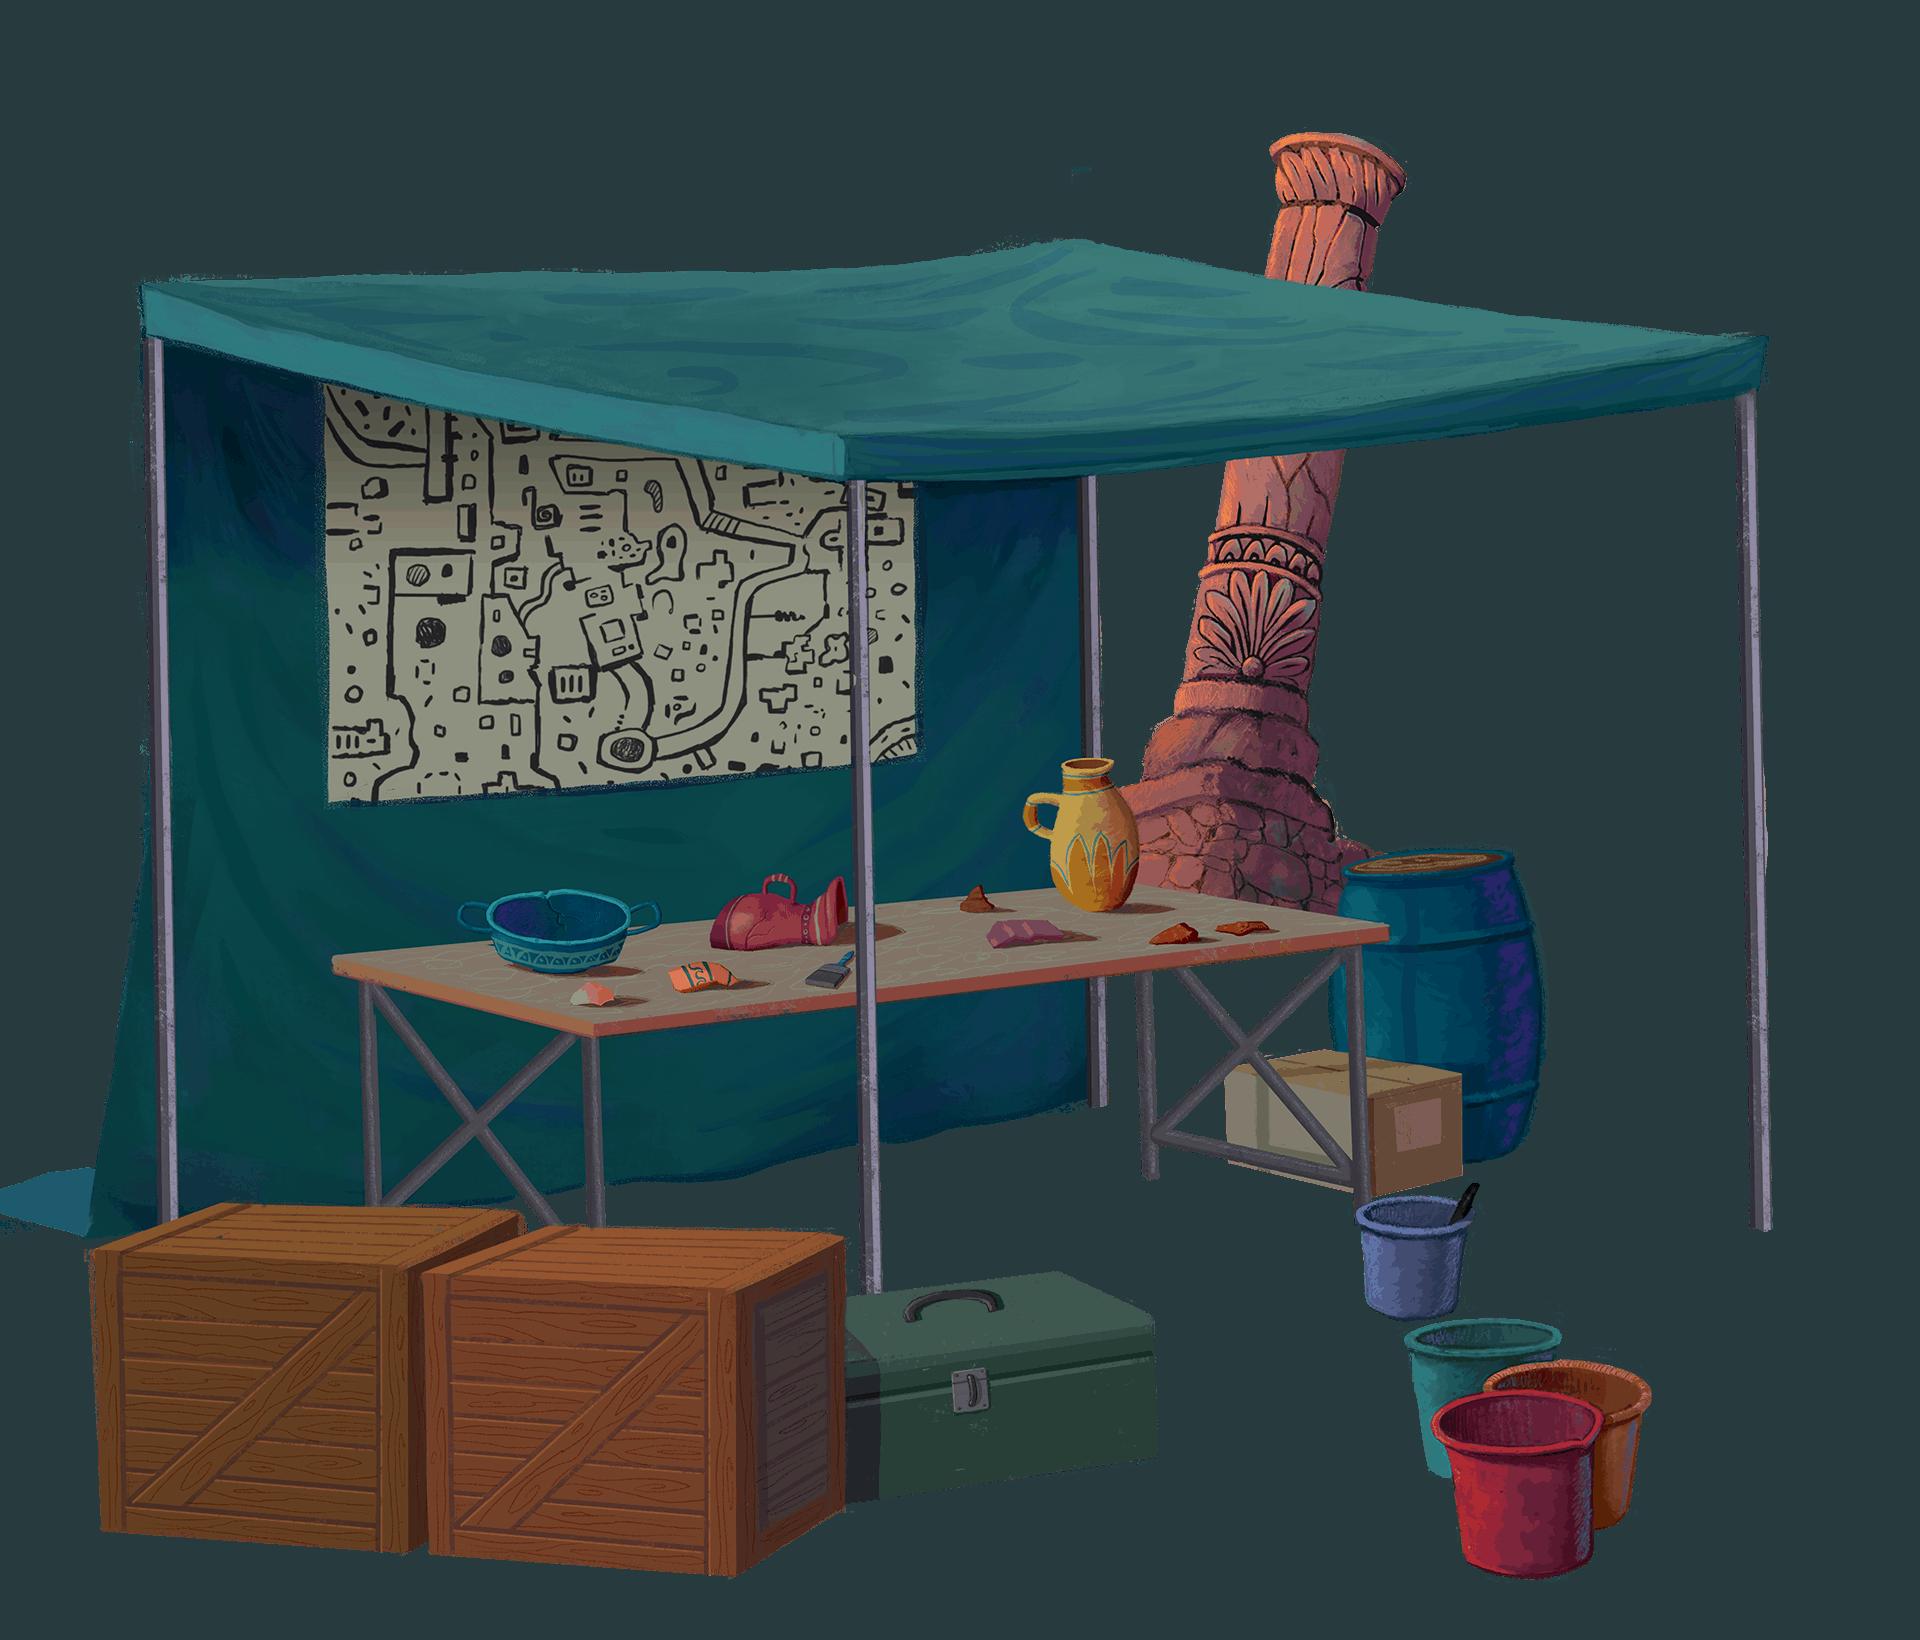 vbs-tent-2021